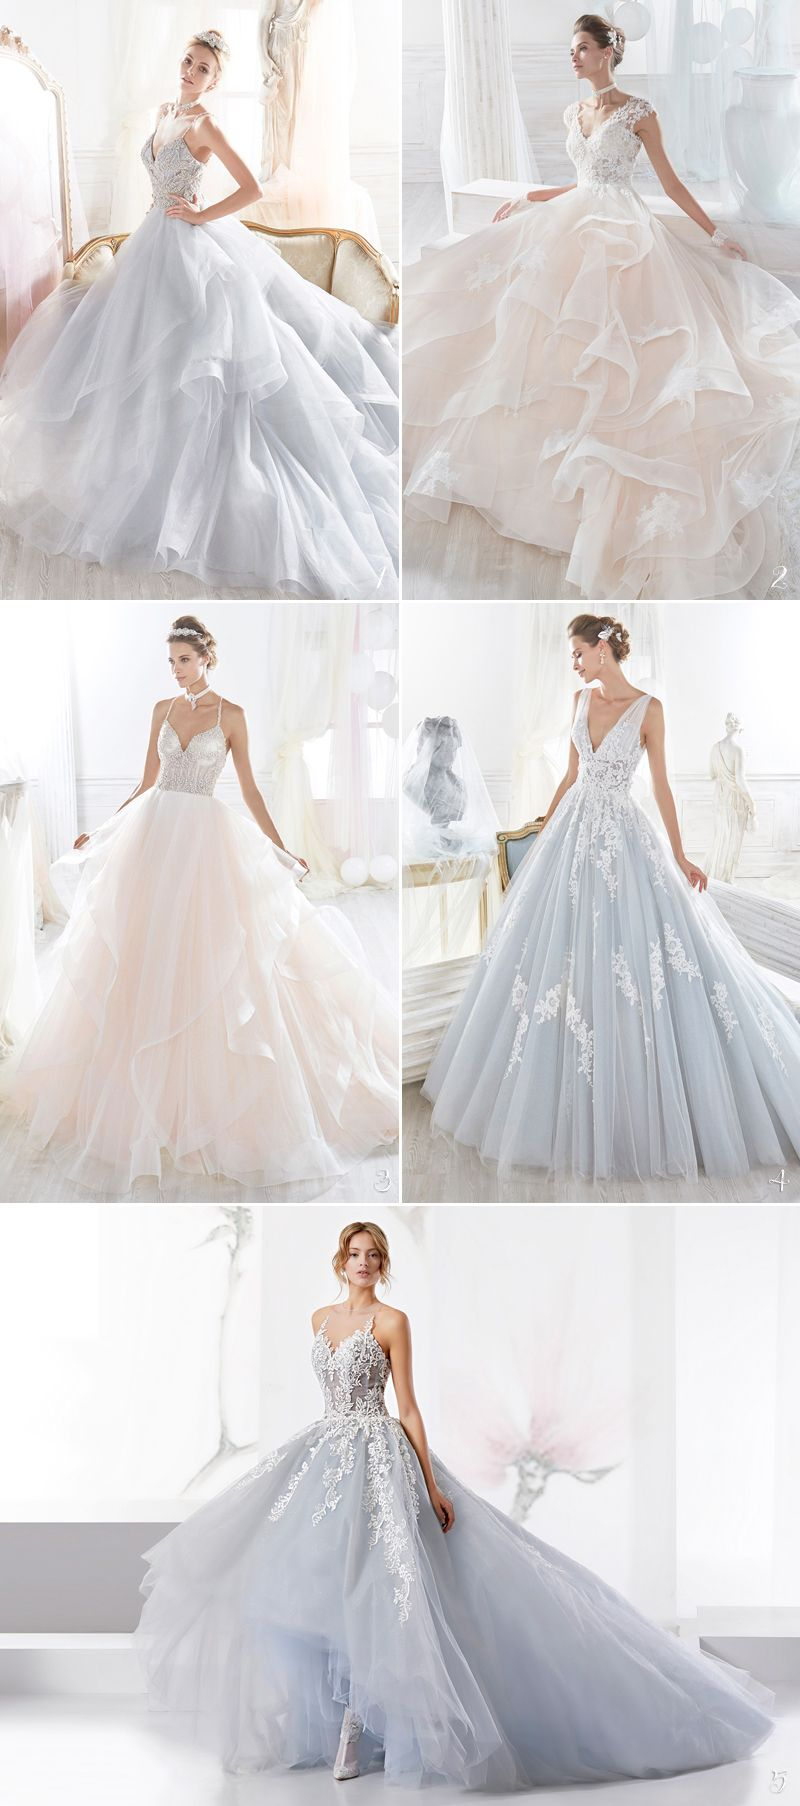 Poofy Wedding Dresses 2018